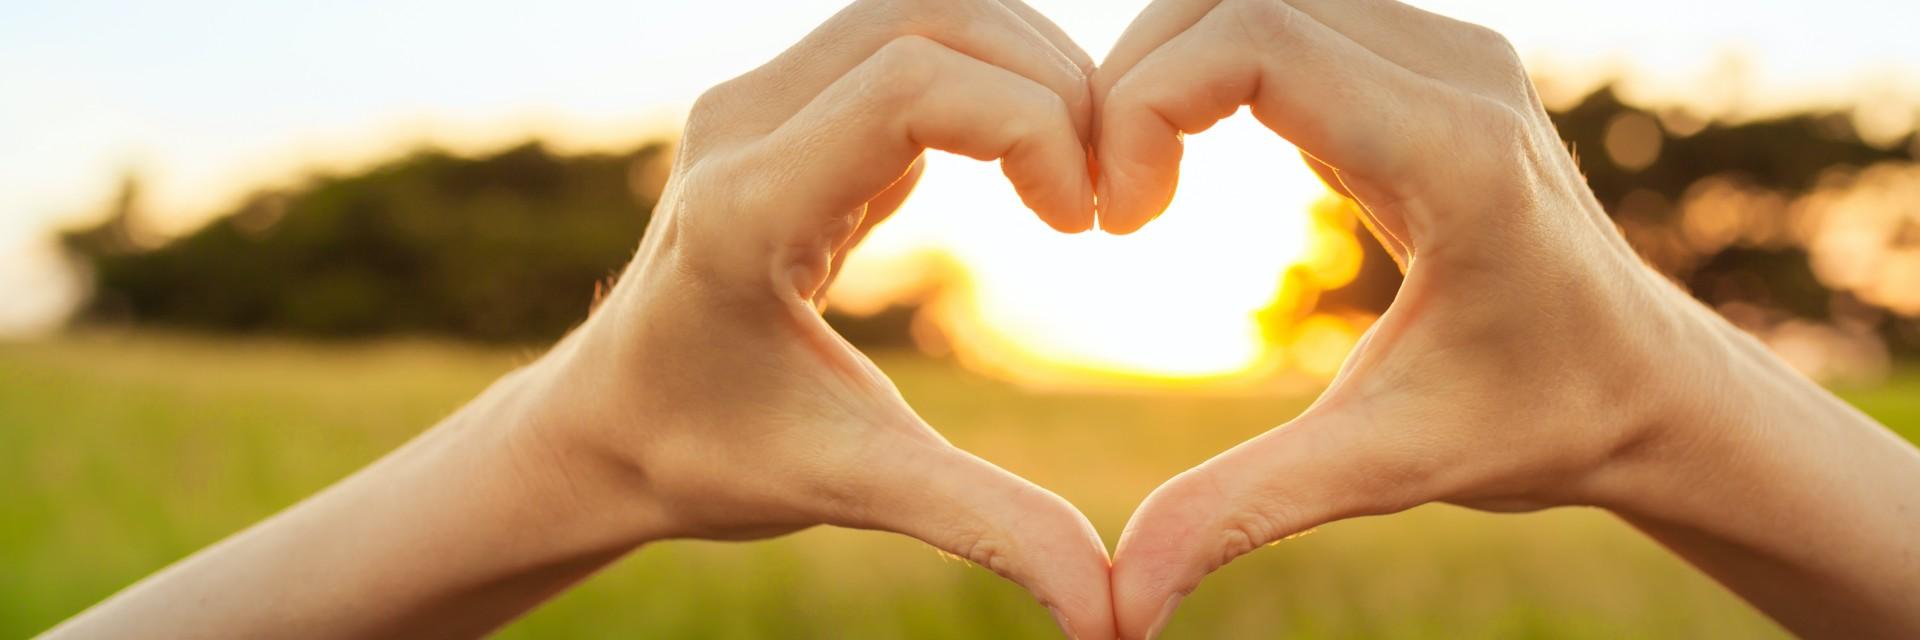 Gezond hart: Met deze voeding verklein je het risico op hart- en vaatziekten - Artikel.nl